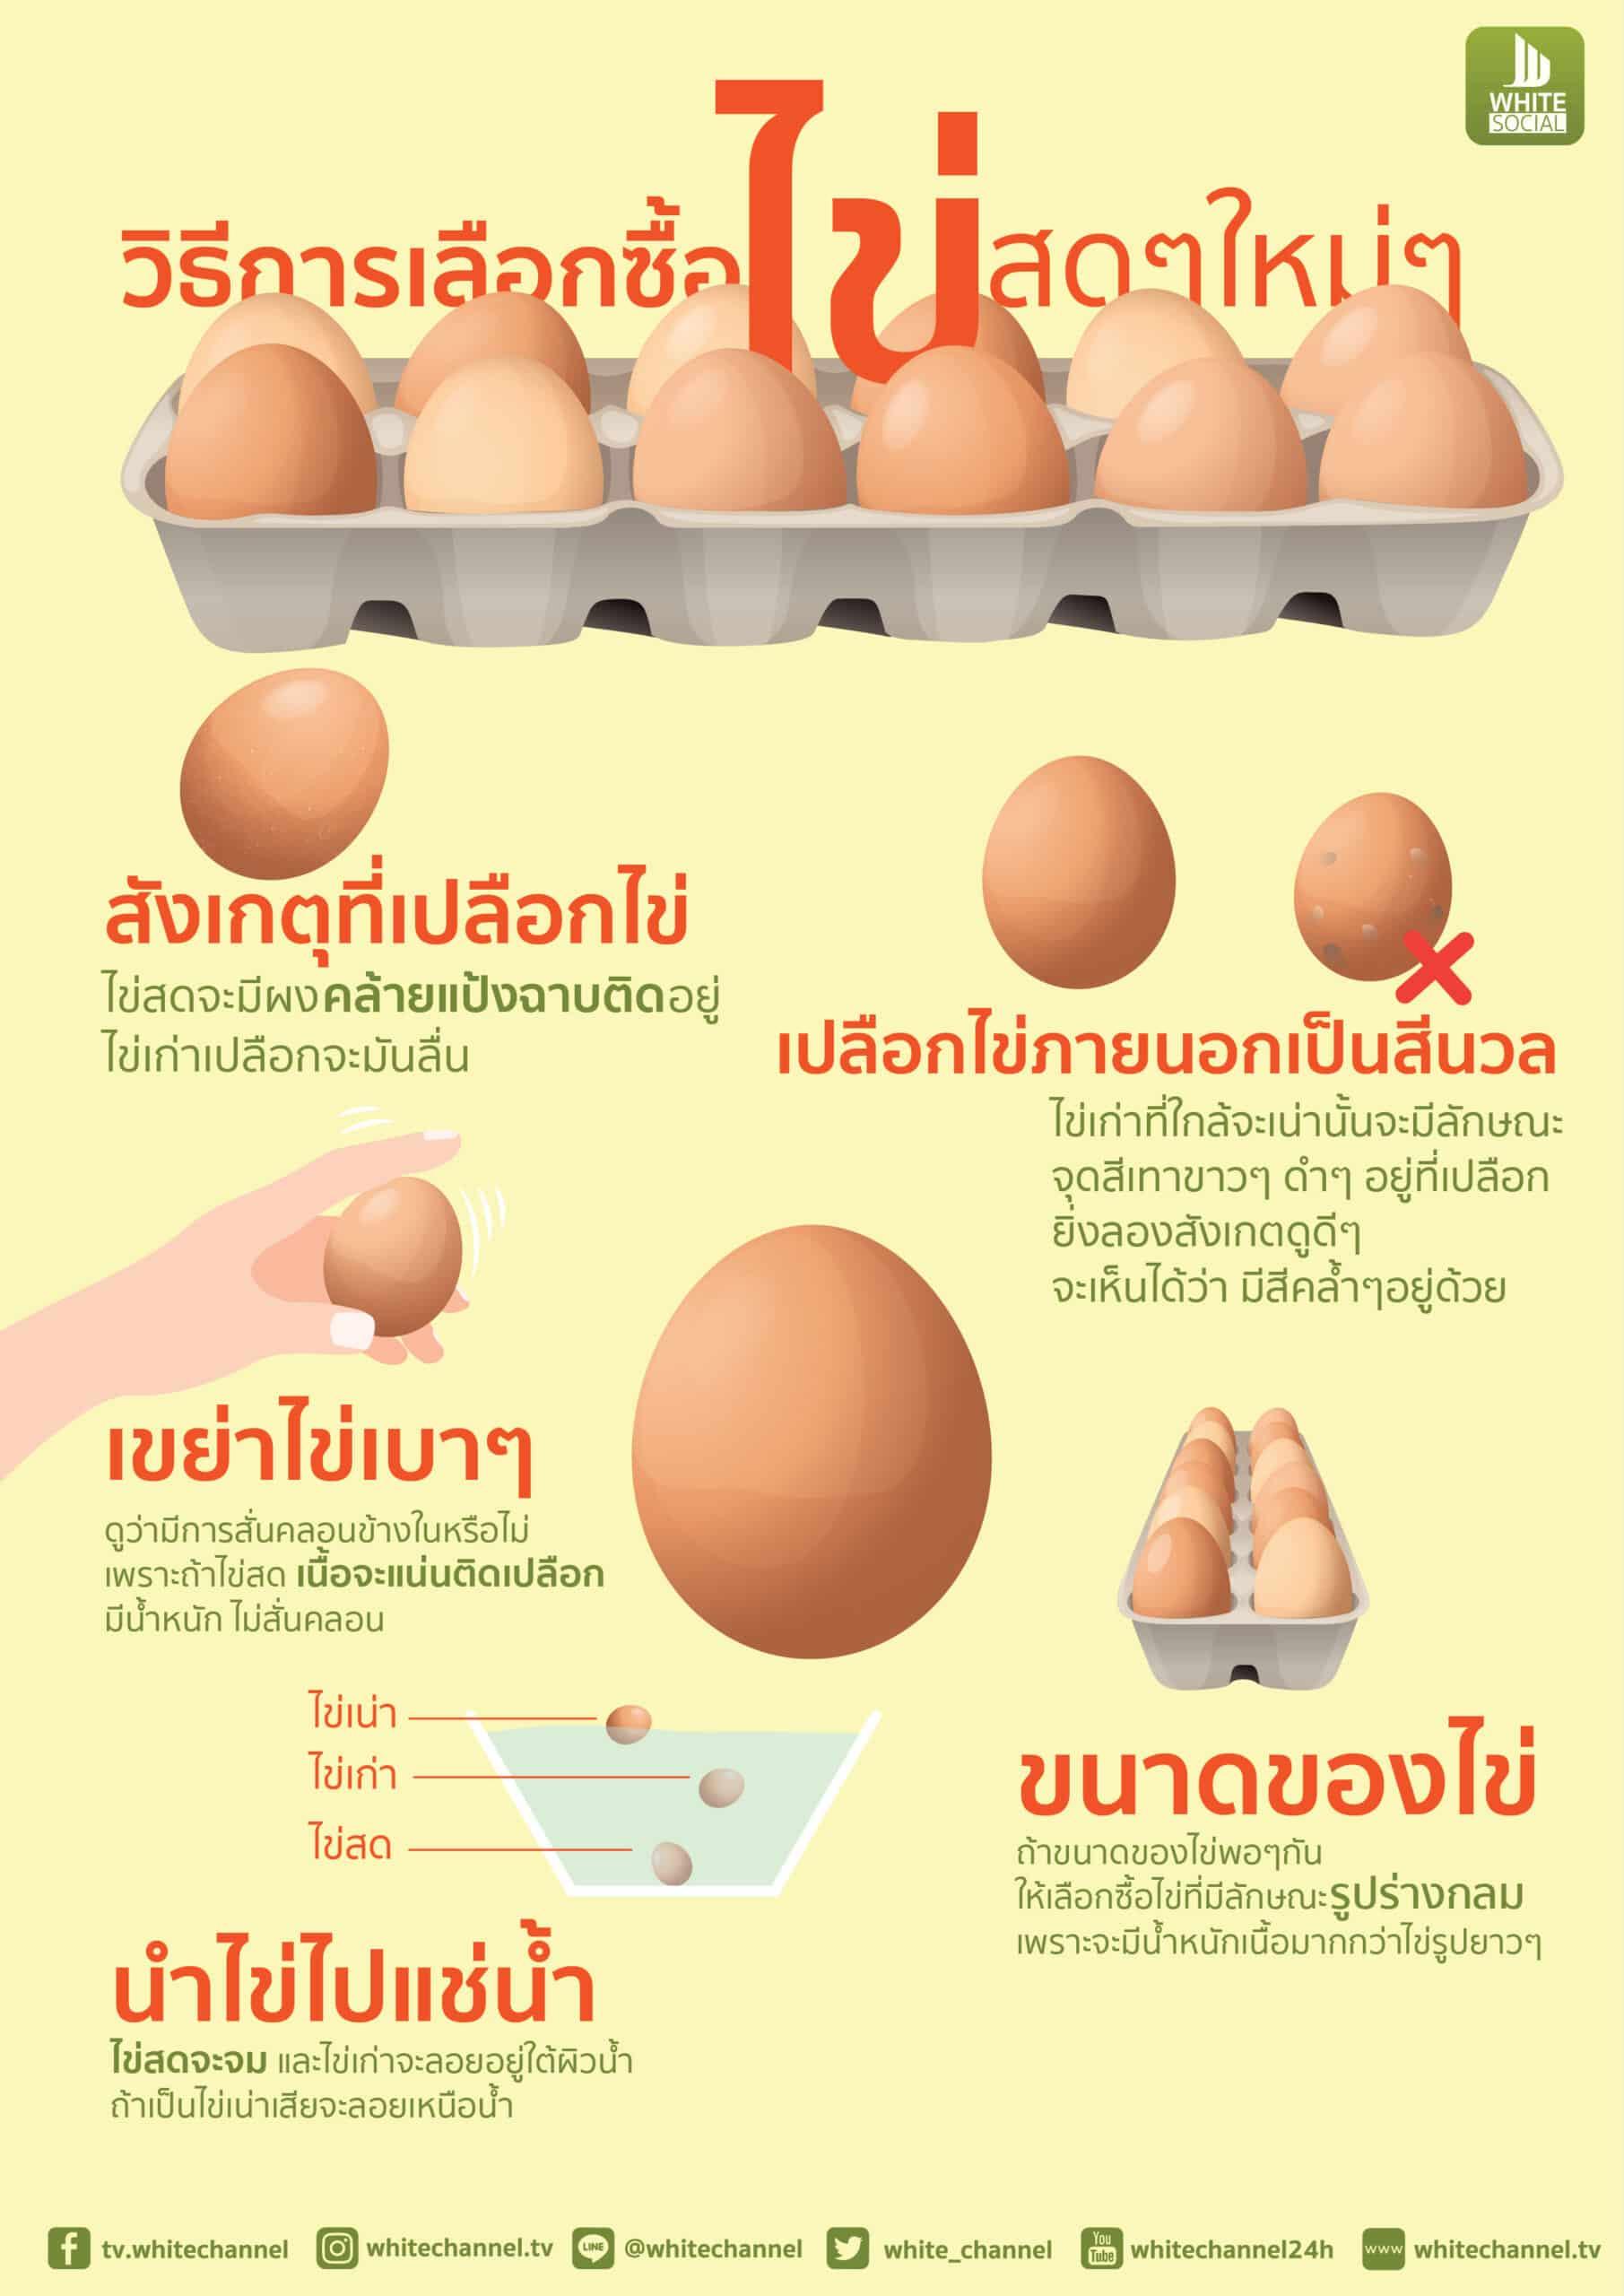 5 วิธีเลือกซื้อไข่ไก่